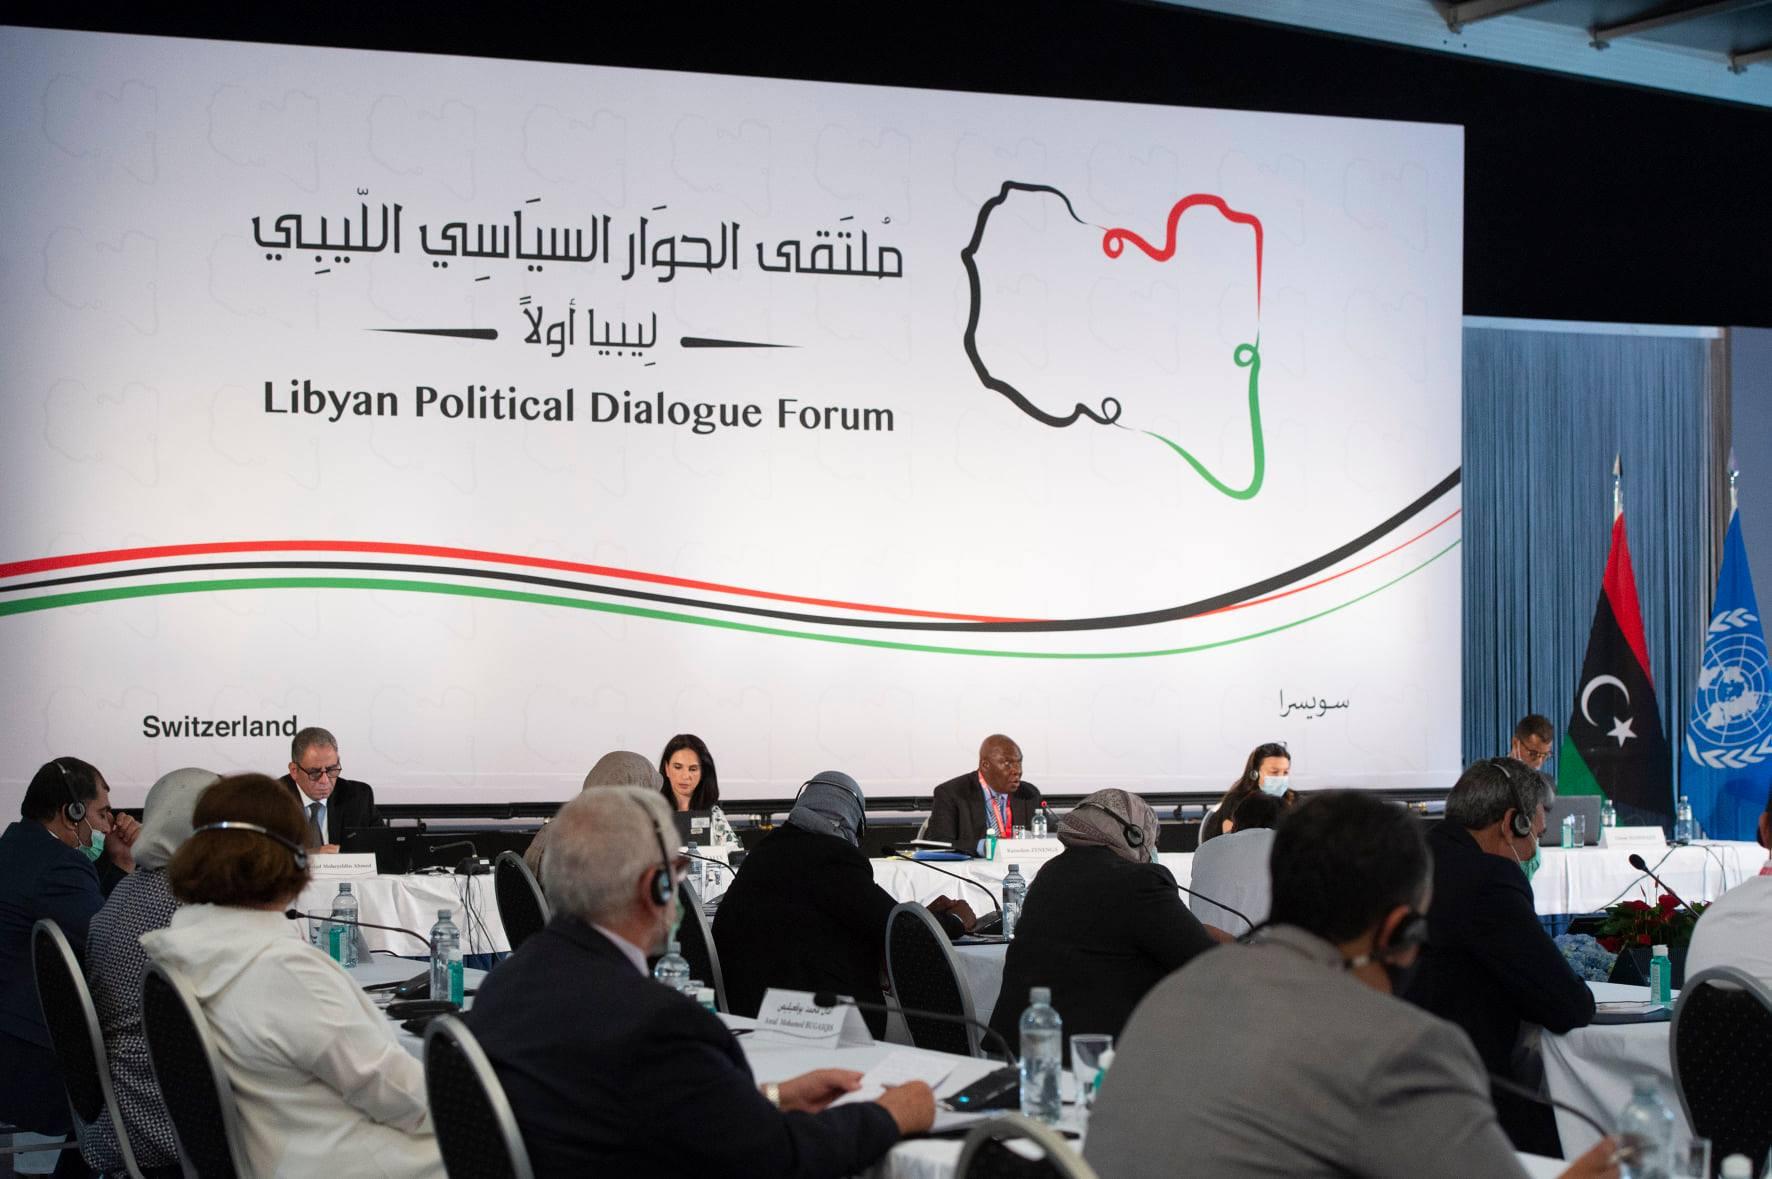 ملتقى الحوار السياسي يُواصل جلساته في سويسرا